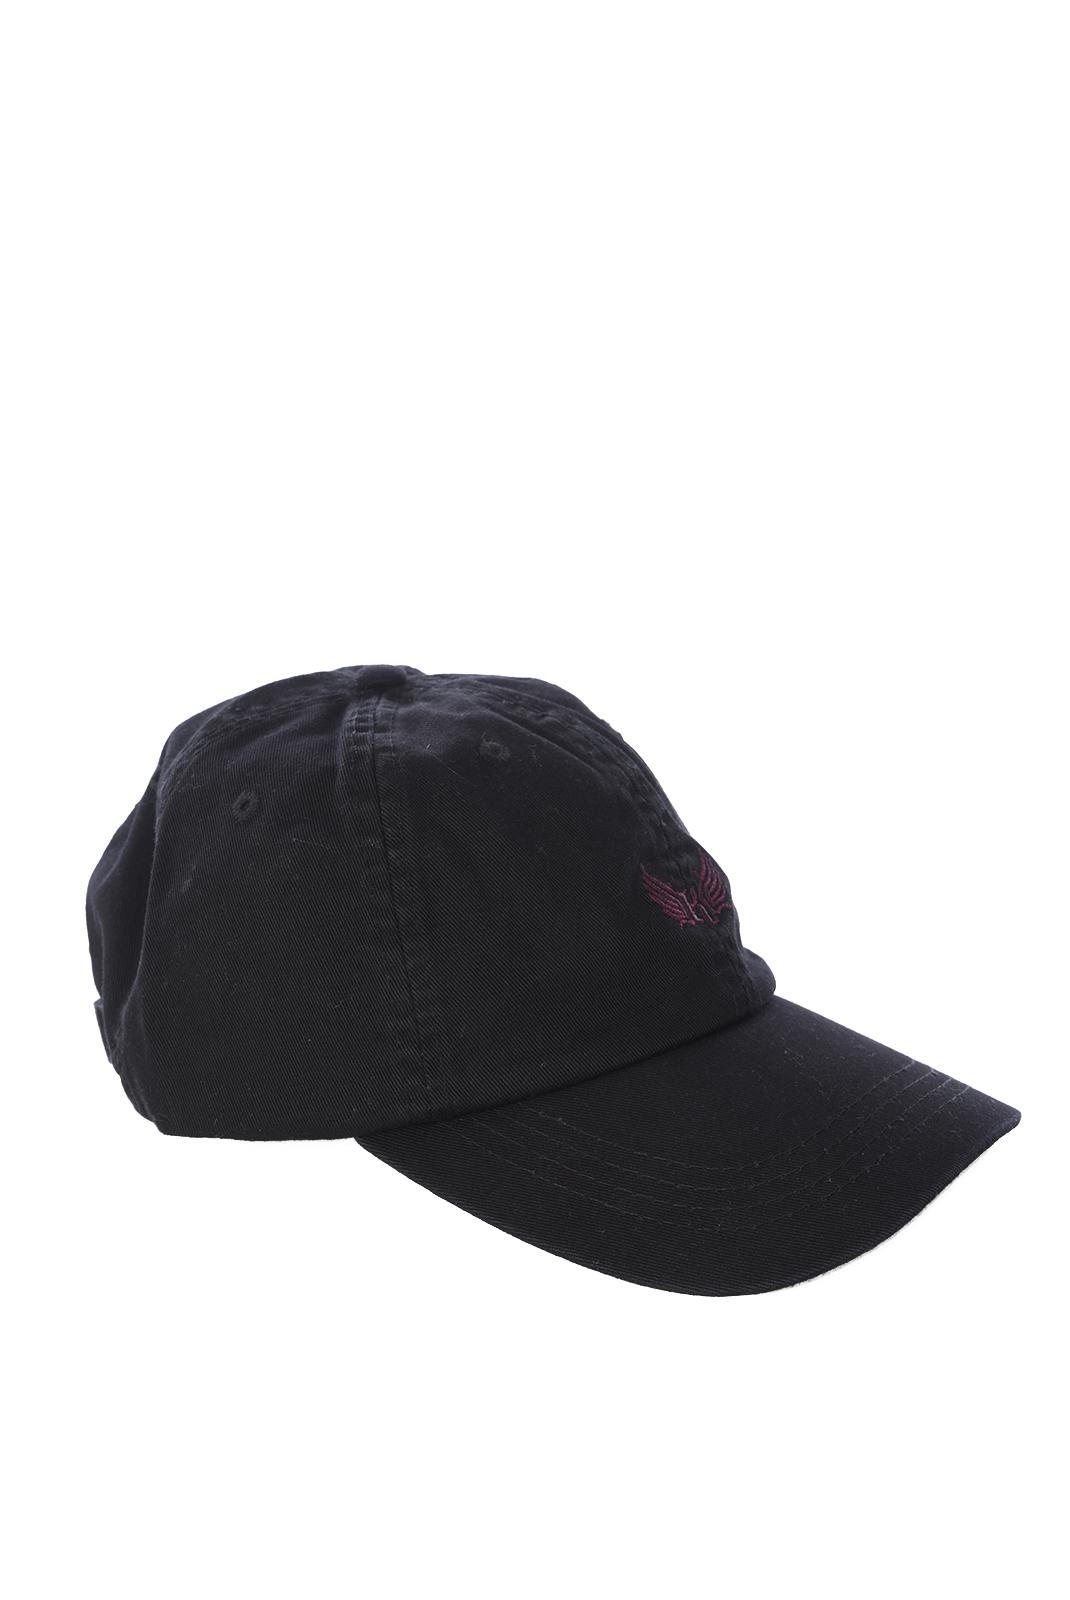 Bonnets / Casquettes  Kaporal MAD BLACK